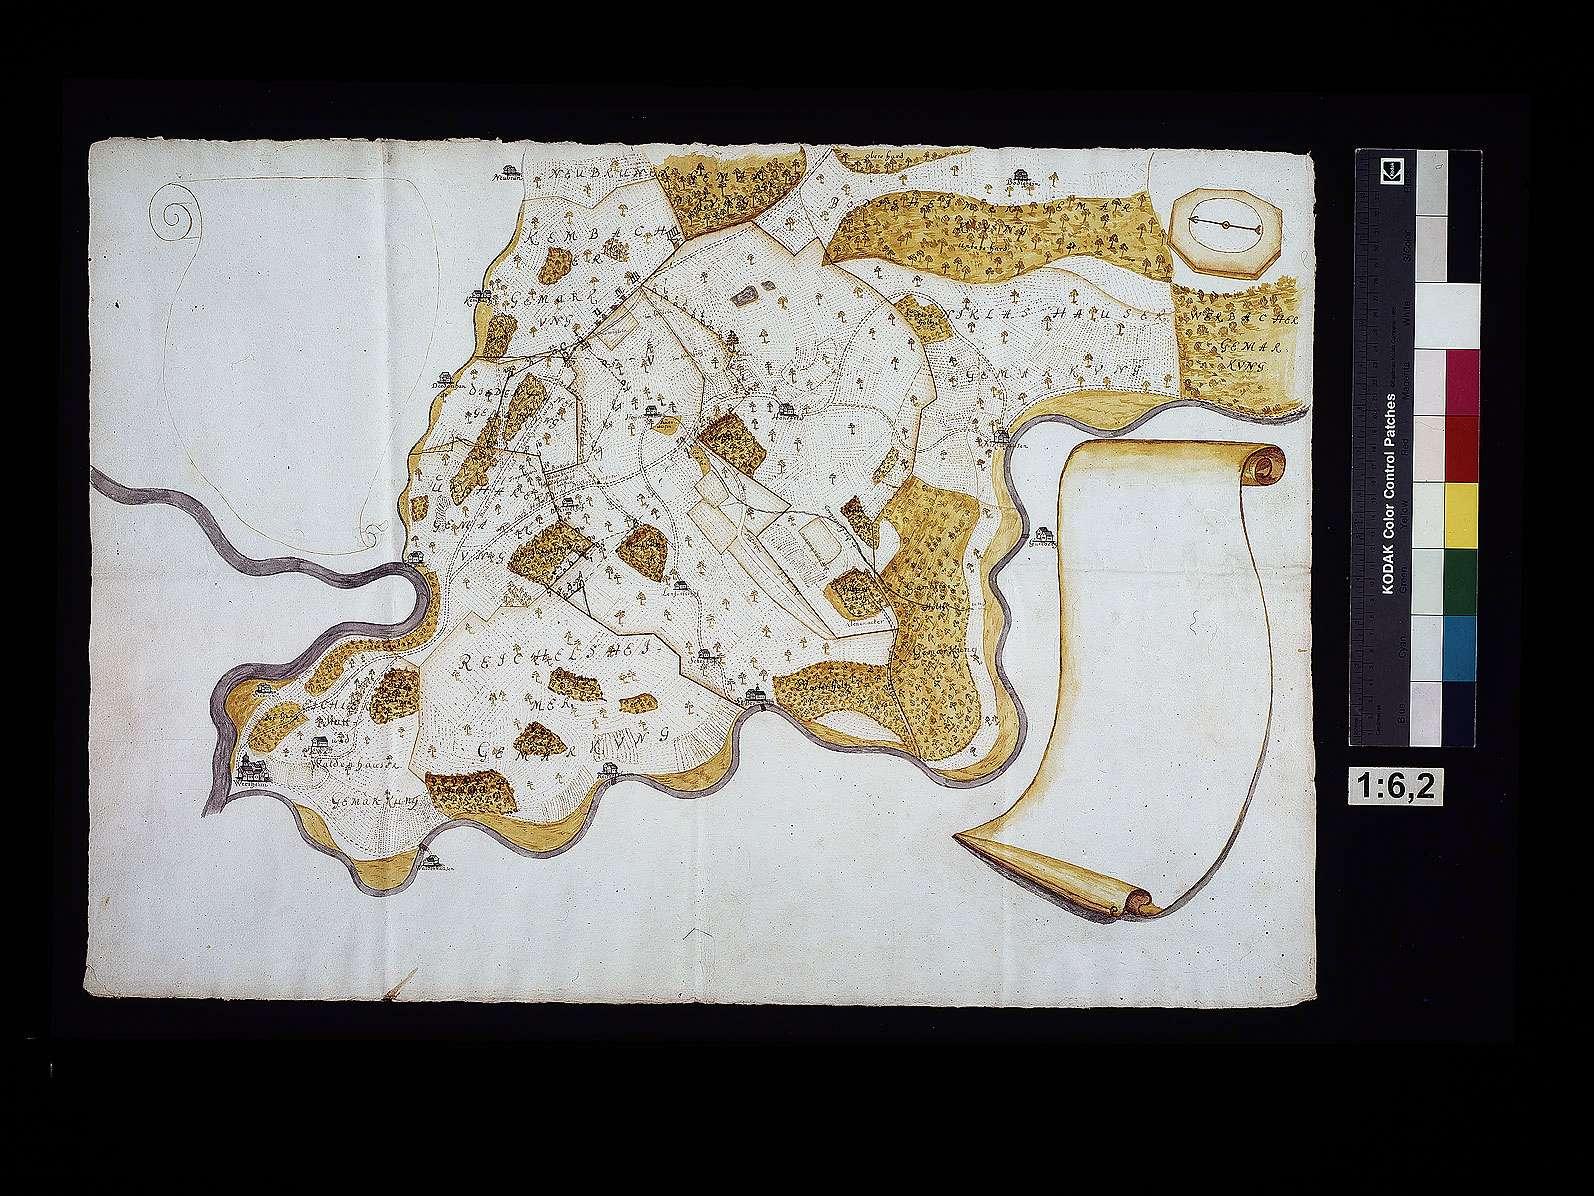 Plan zwischen Tauber und Main, Bild 1